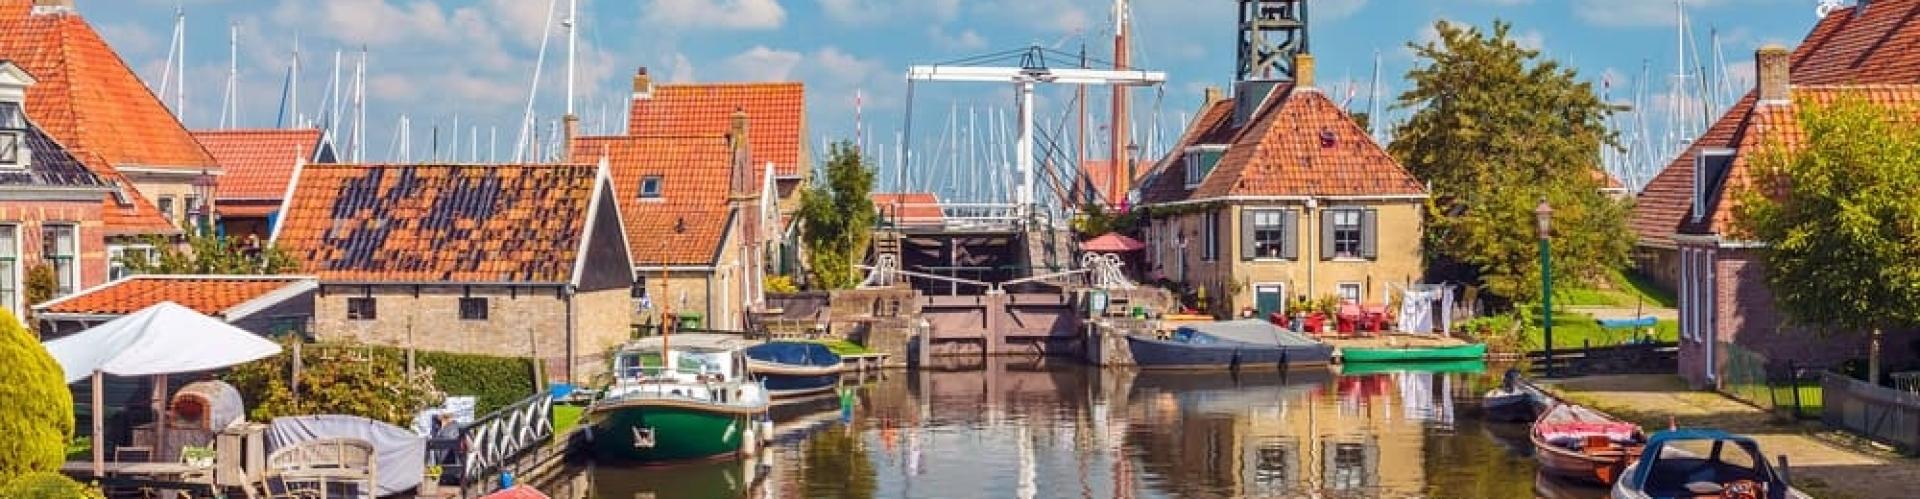 Groepsaccommodaite in Friesland aan het water